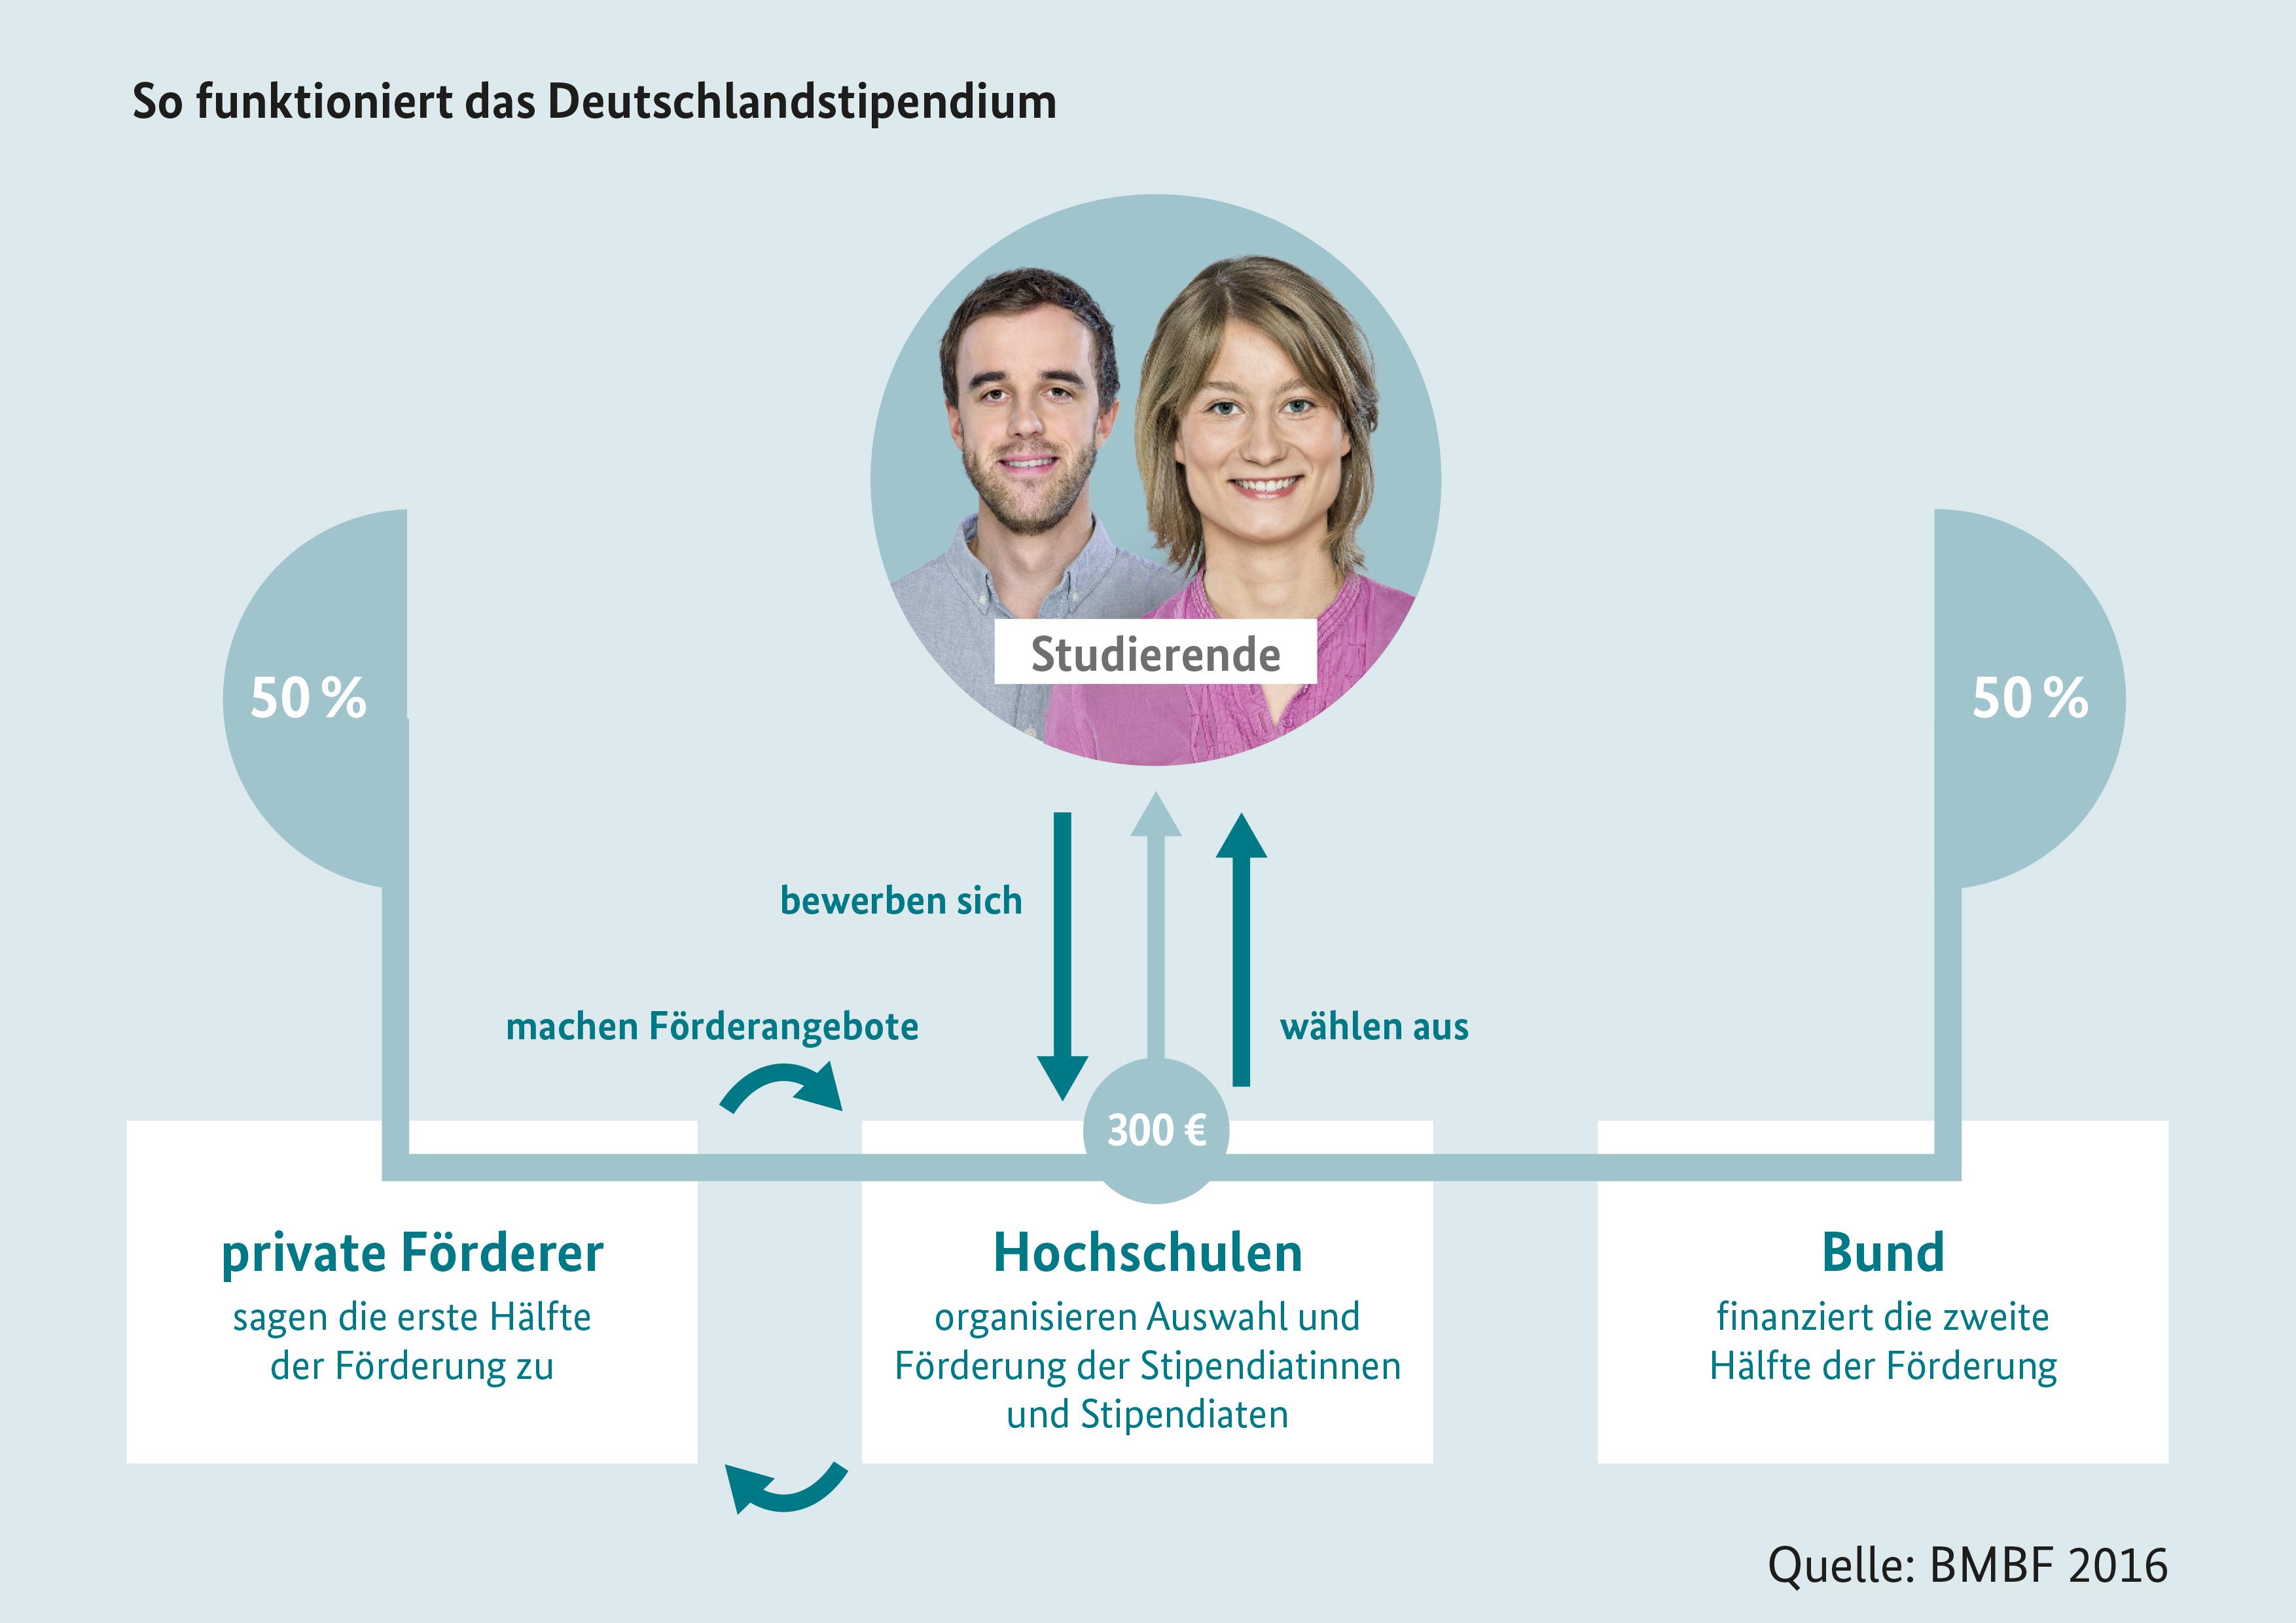 der bewerbungsprozess werden deutschlandstipendien - Bewerbung Deutschlandstipendium